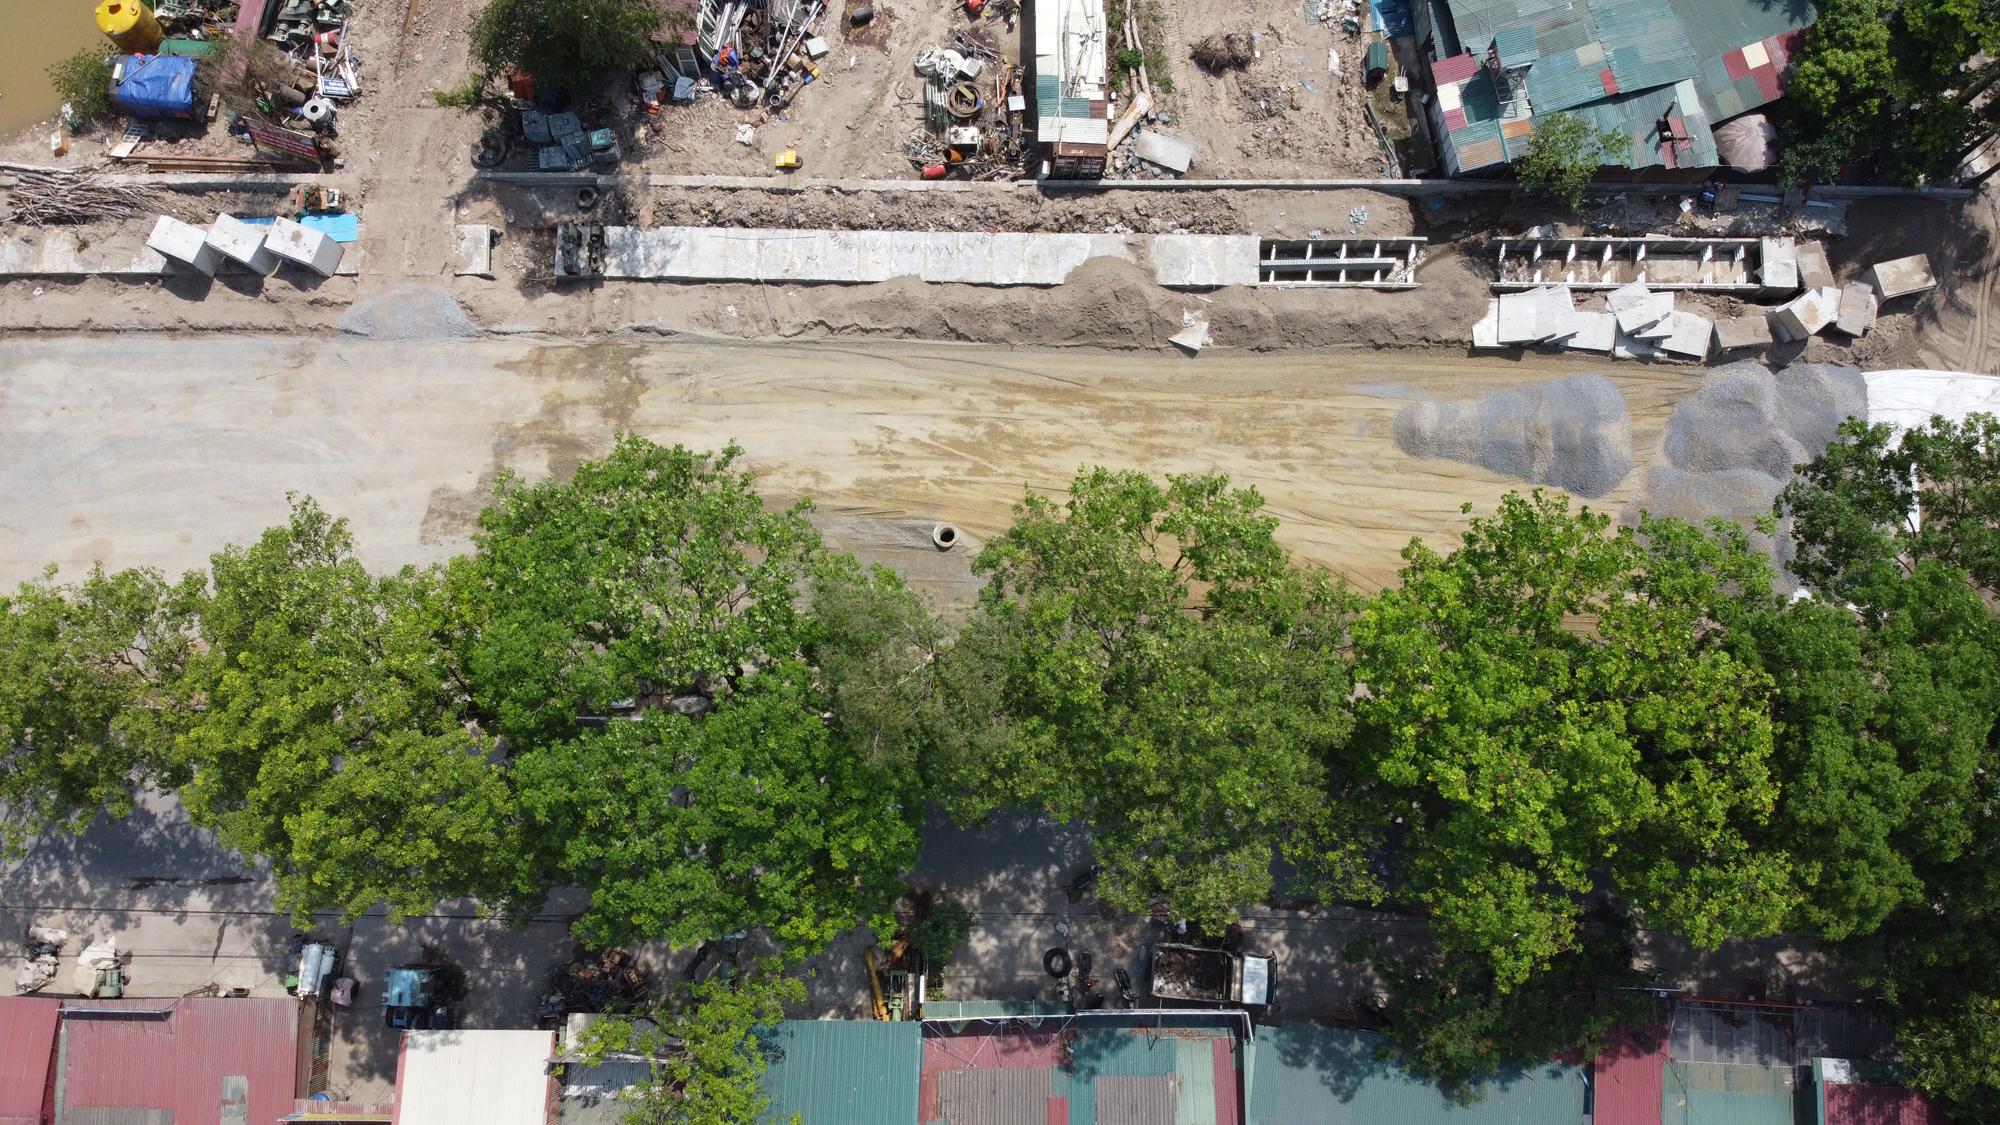 Đang làm một phần đường 70 ở quận Nam Từ Liêm từ cầu Ngà đến hết ranh giới dự án Làng giáo dục Quốc tế - Ảnh 7.